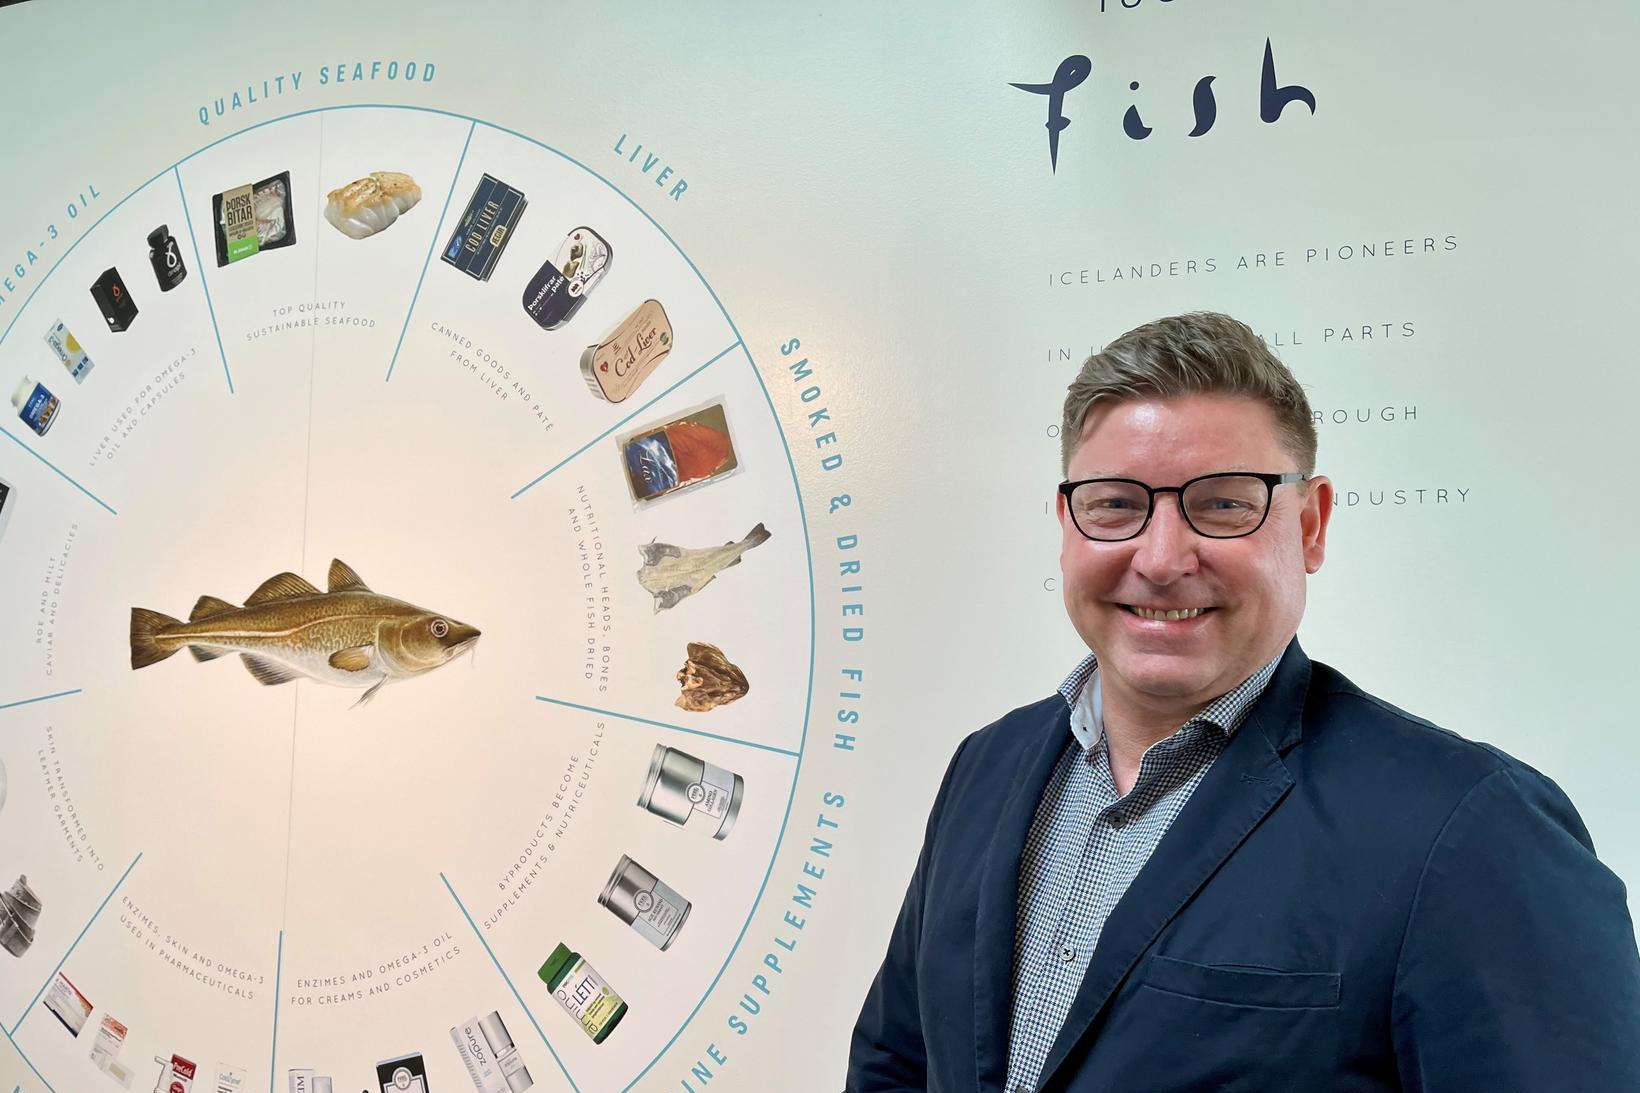 Konráð Olavsson er nýr sölu- og markaðsstjóri Maritech á Íslandi.